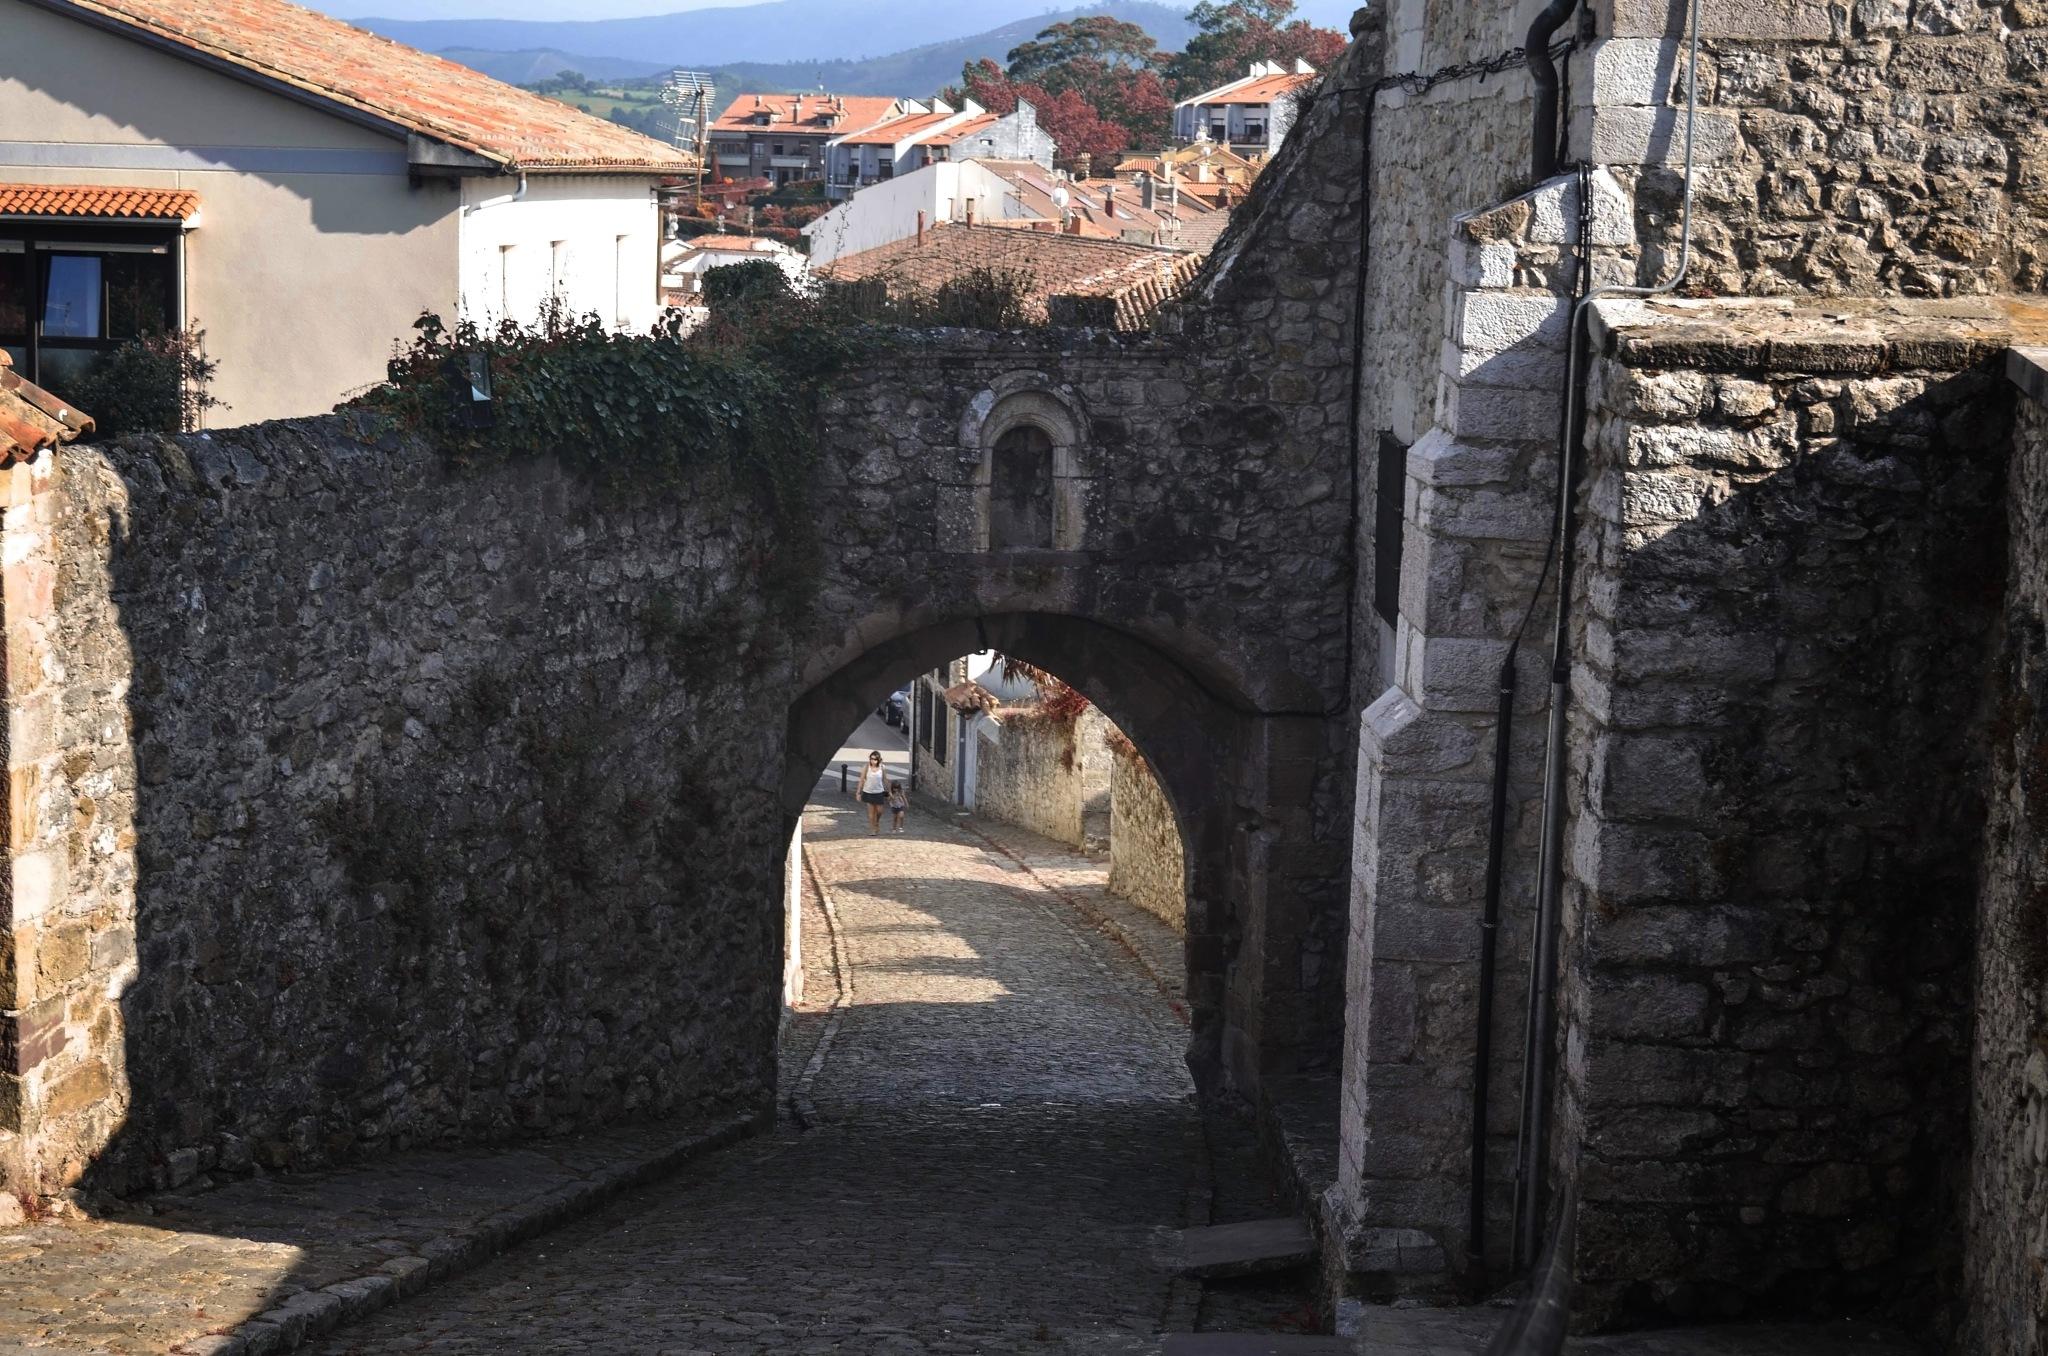 puerta con arco by vicentejesus.motadiaz